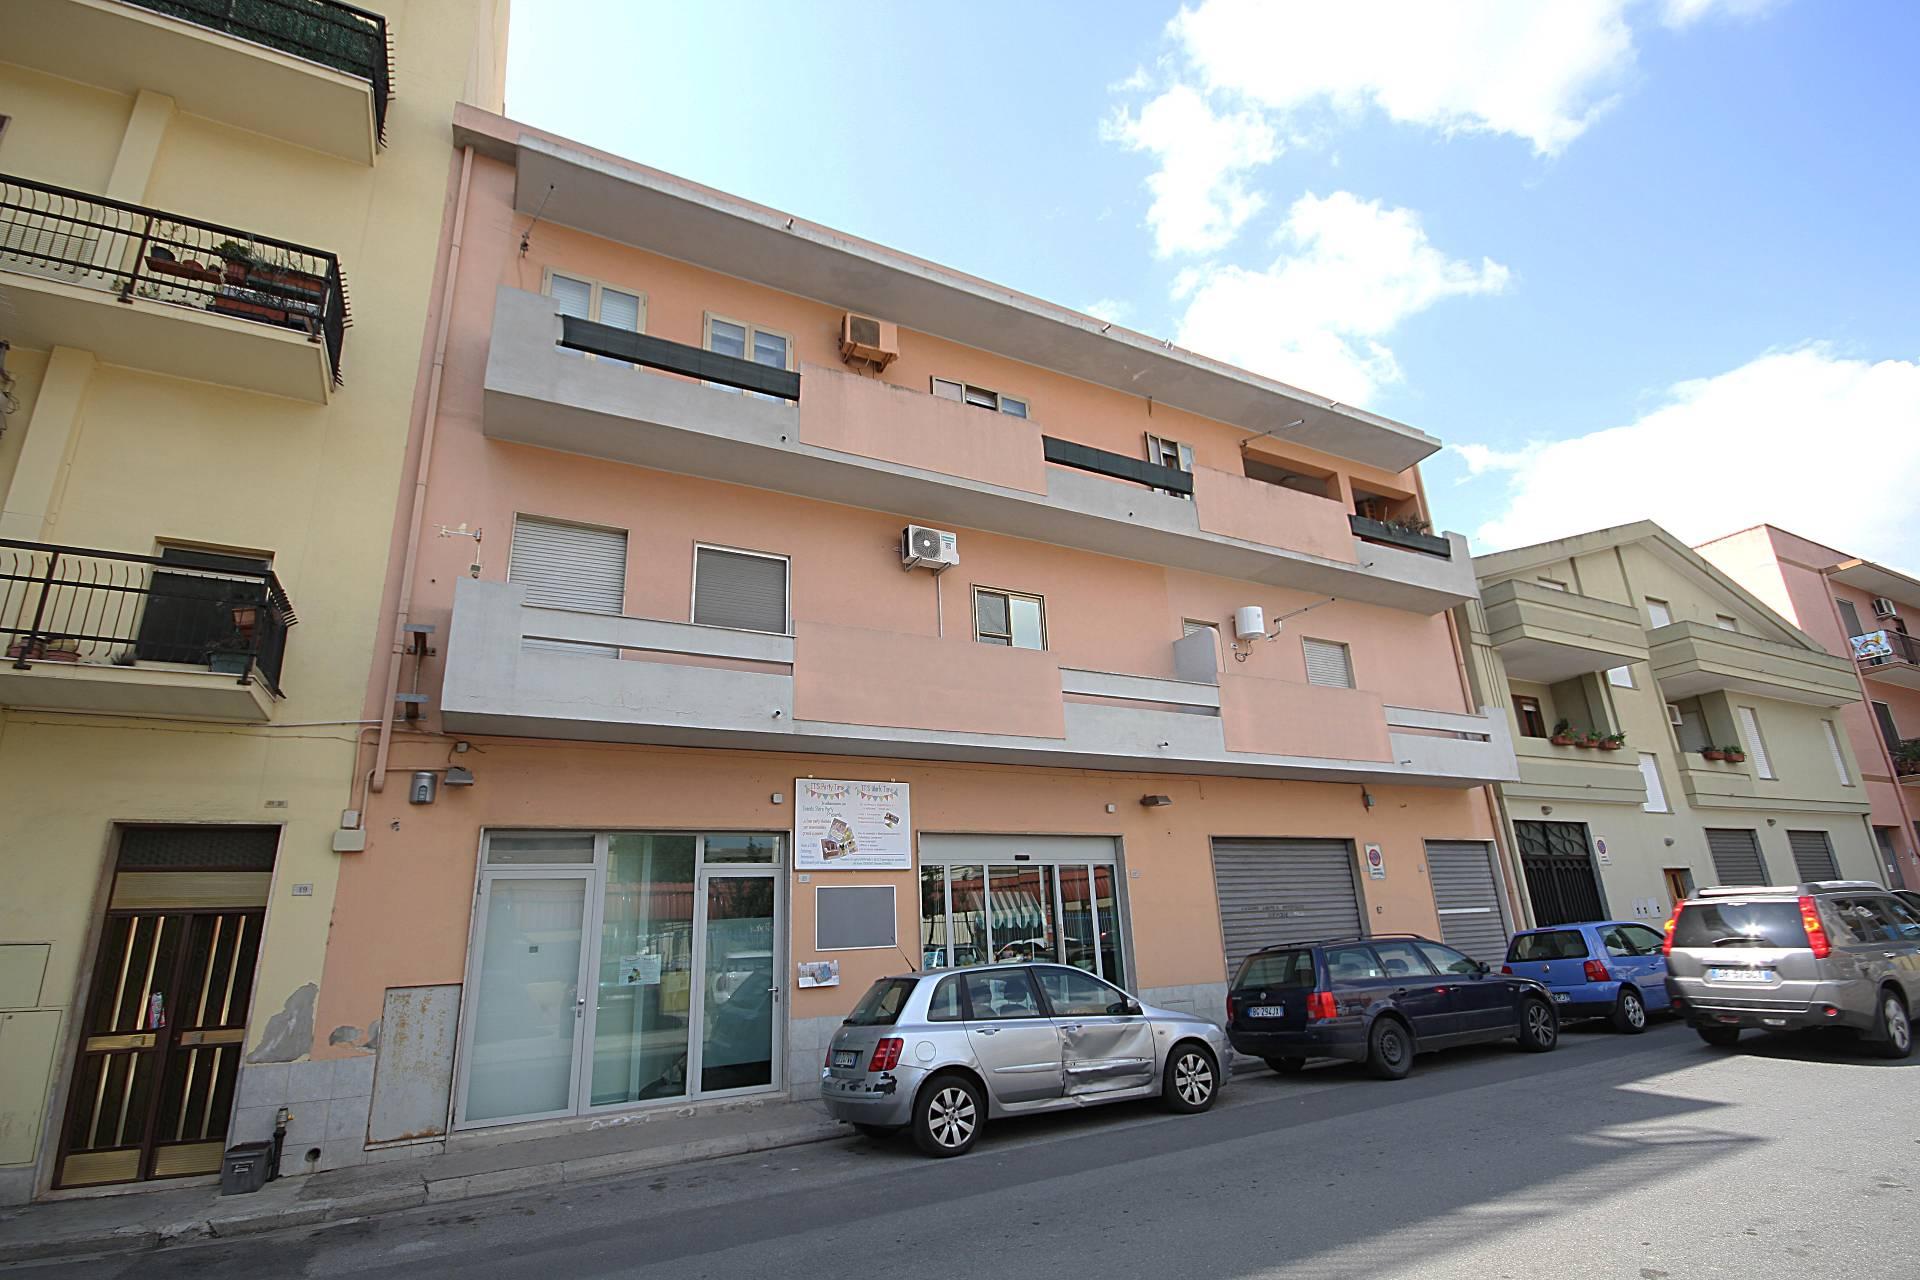 Negozio / Locale in affitto a Quartu Sant'Elena, 9999 locali, zona Località: SanBendetto-ViaFiume, prezzo € 1.250 | Cambio Casa.it